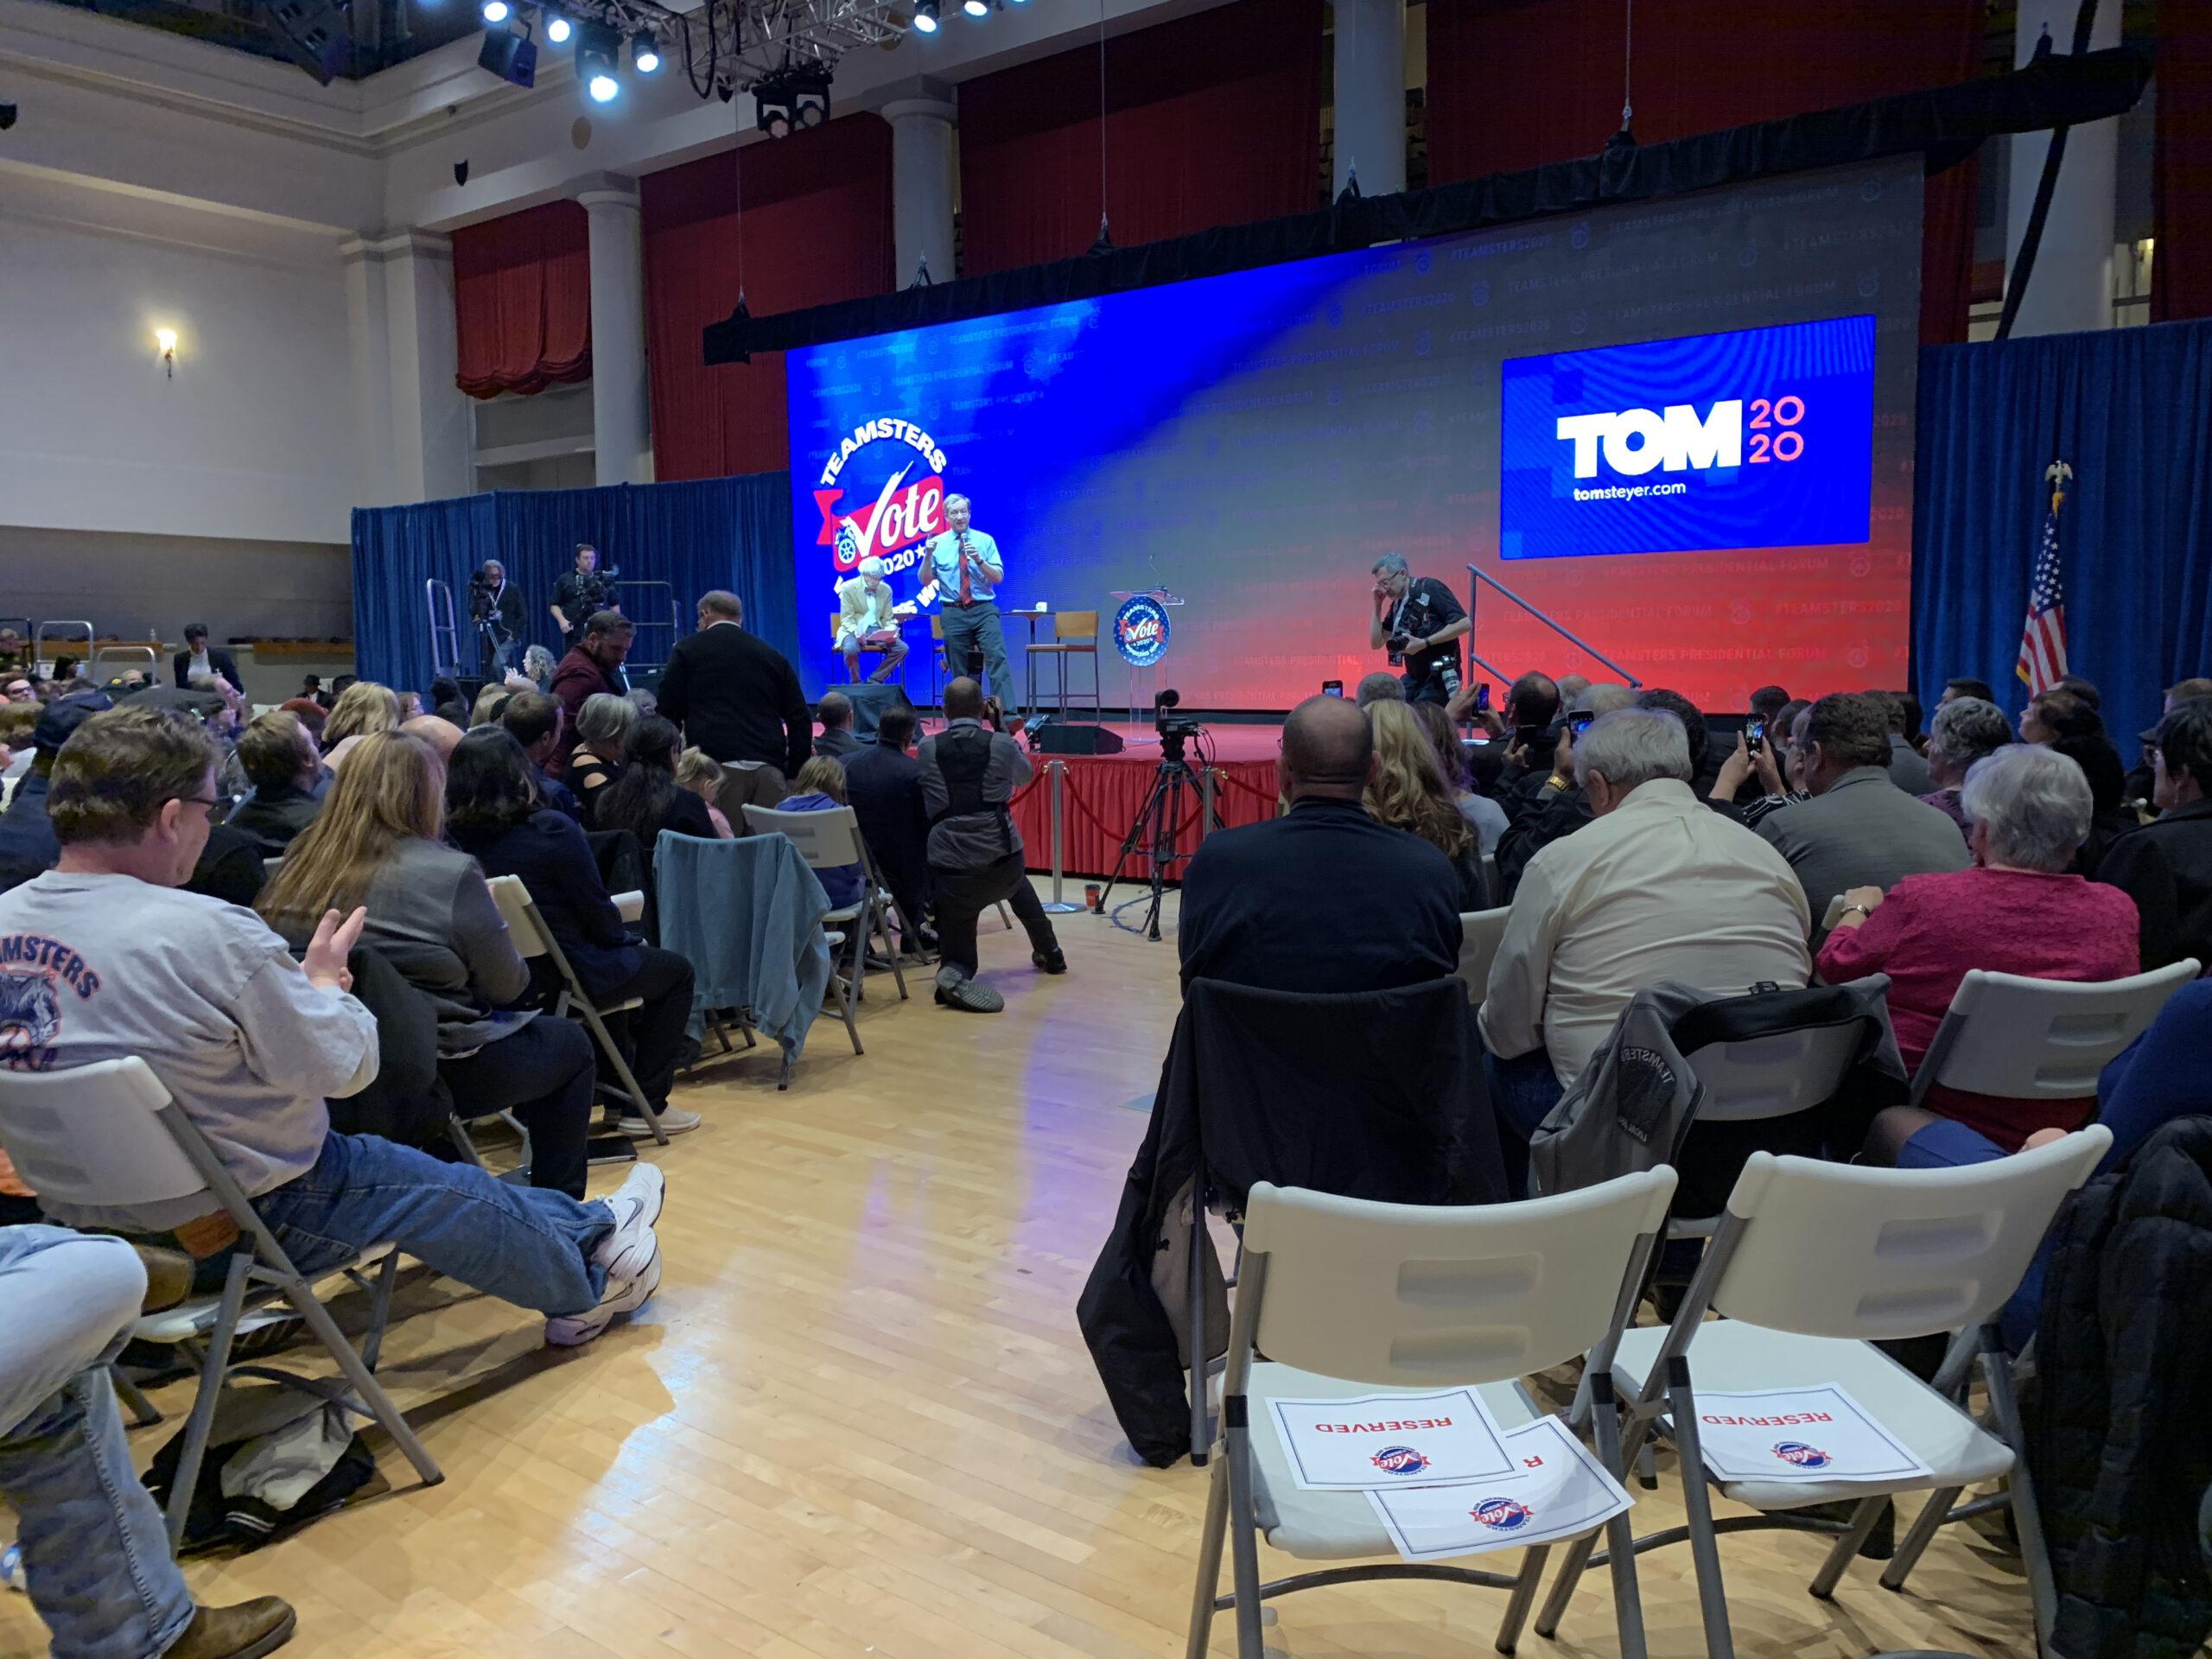 Tom Steyer at Teamsters Presidential Forum in December 7, 2019